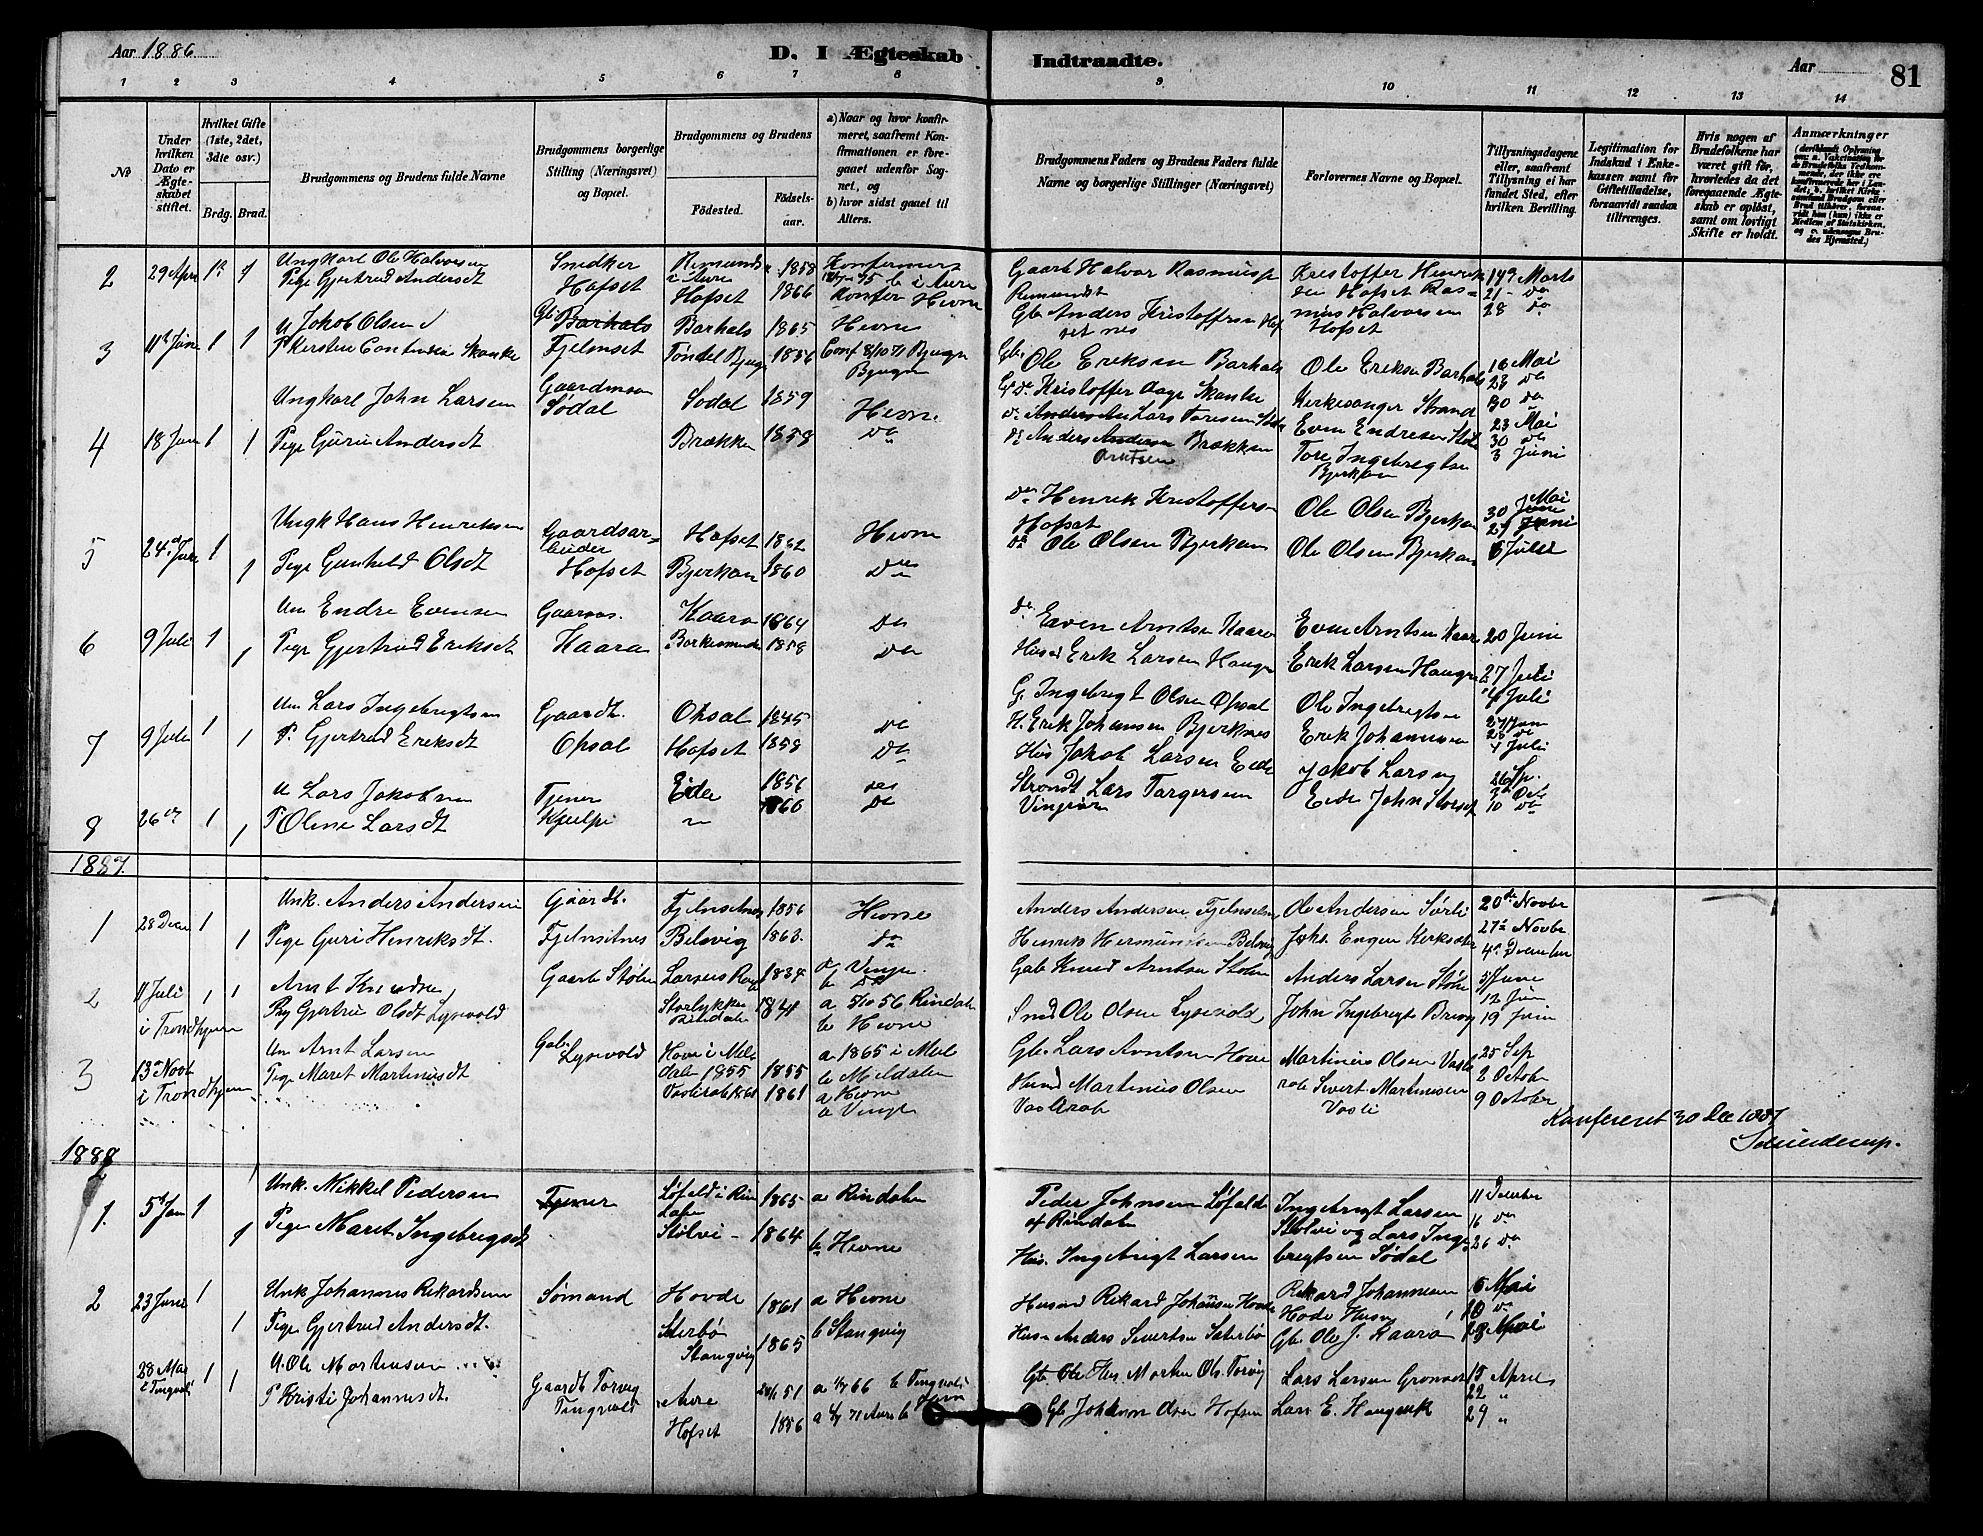 SAT, Ministerialprotokoller, klokkerbøker og fødselsregistre - Sør-Trøndelag, 631/L0514: Klokkerbok nr. 631C02, 1879-1912, s. 81